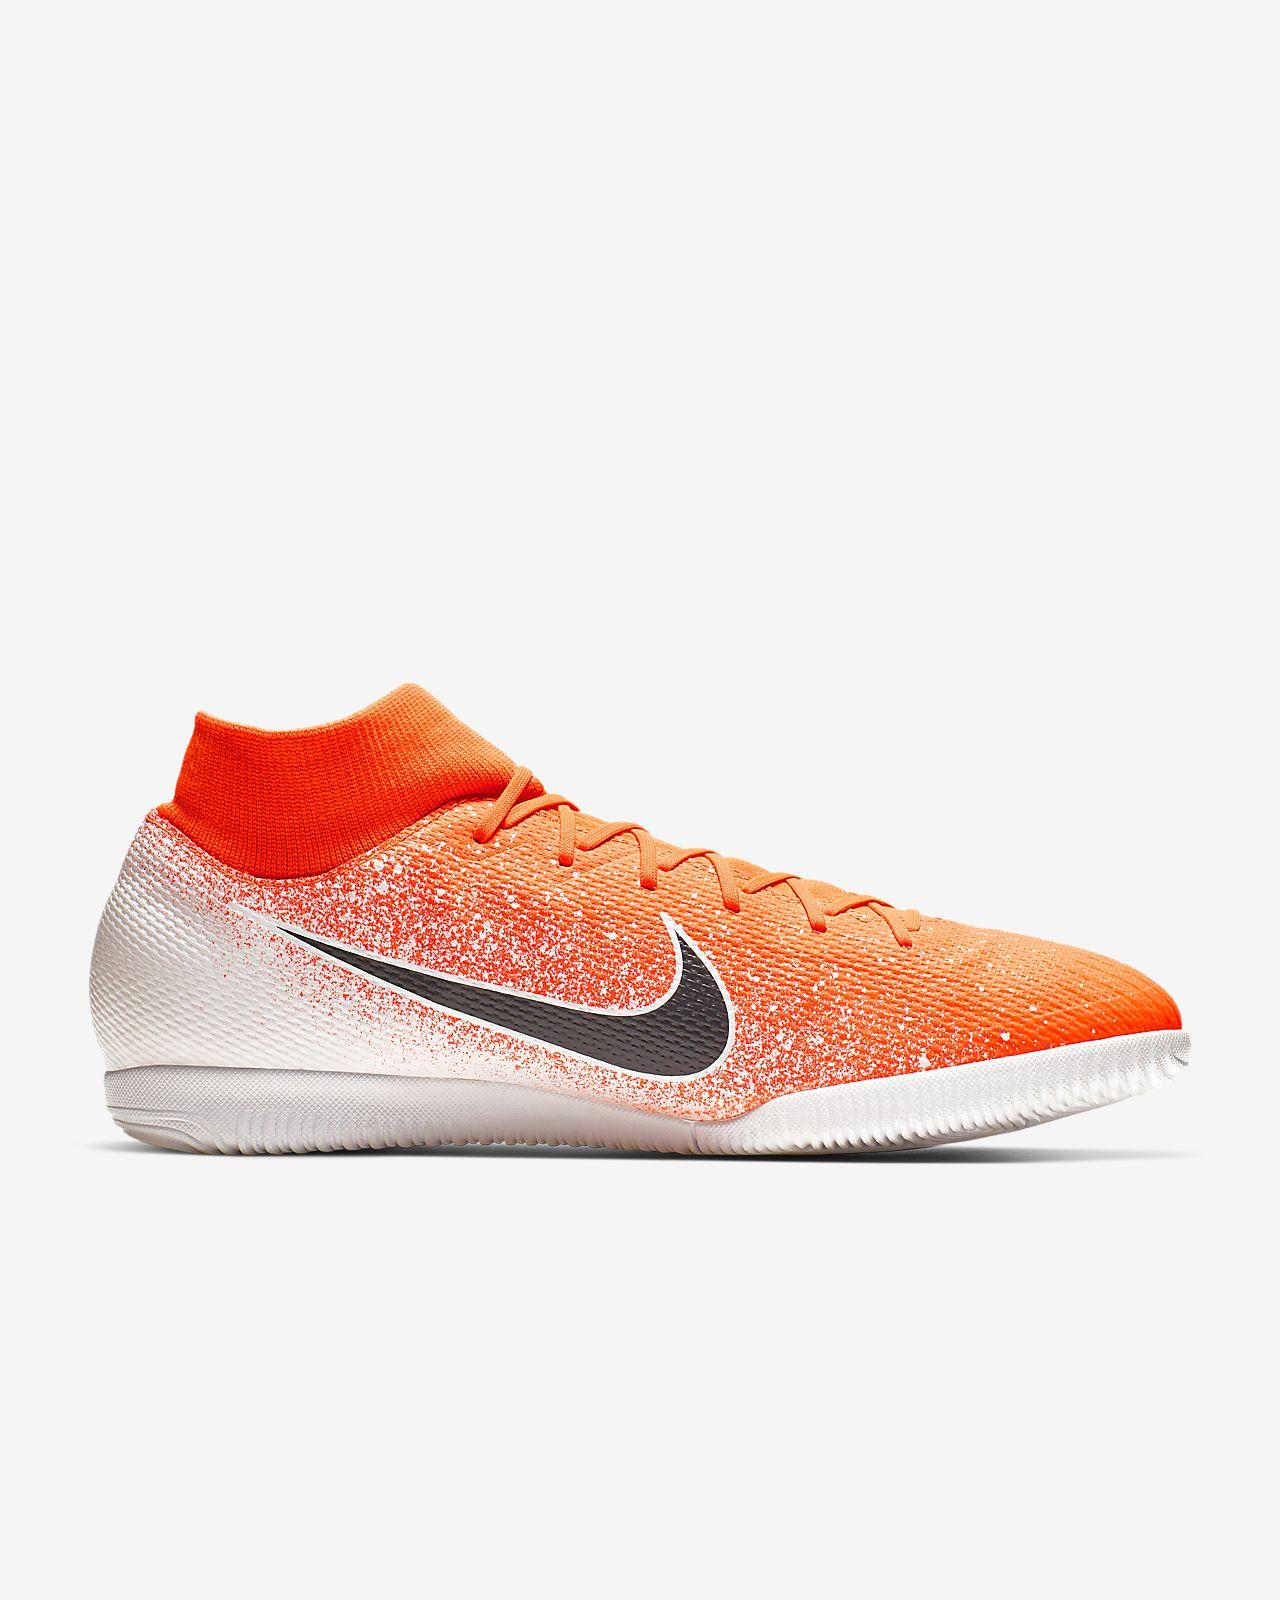 new concept 13d15 9eacb Nike SuperflyX 6 Academy IC-fodboldstøvle til indendørs. Nike.com DK